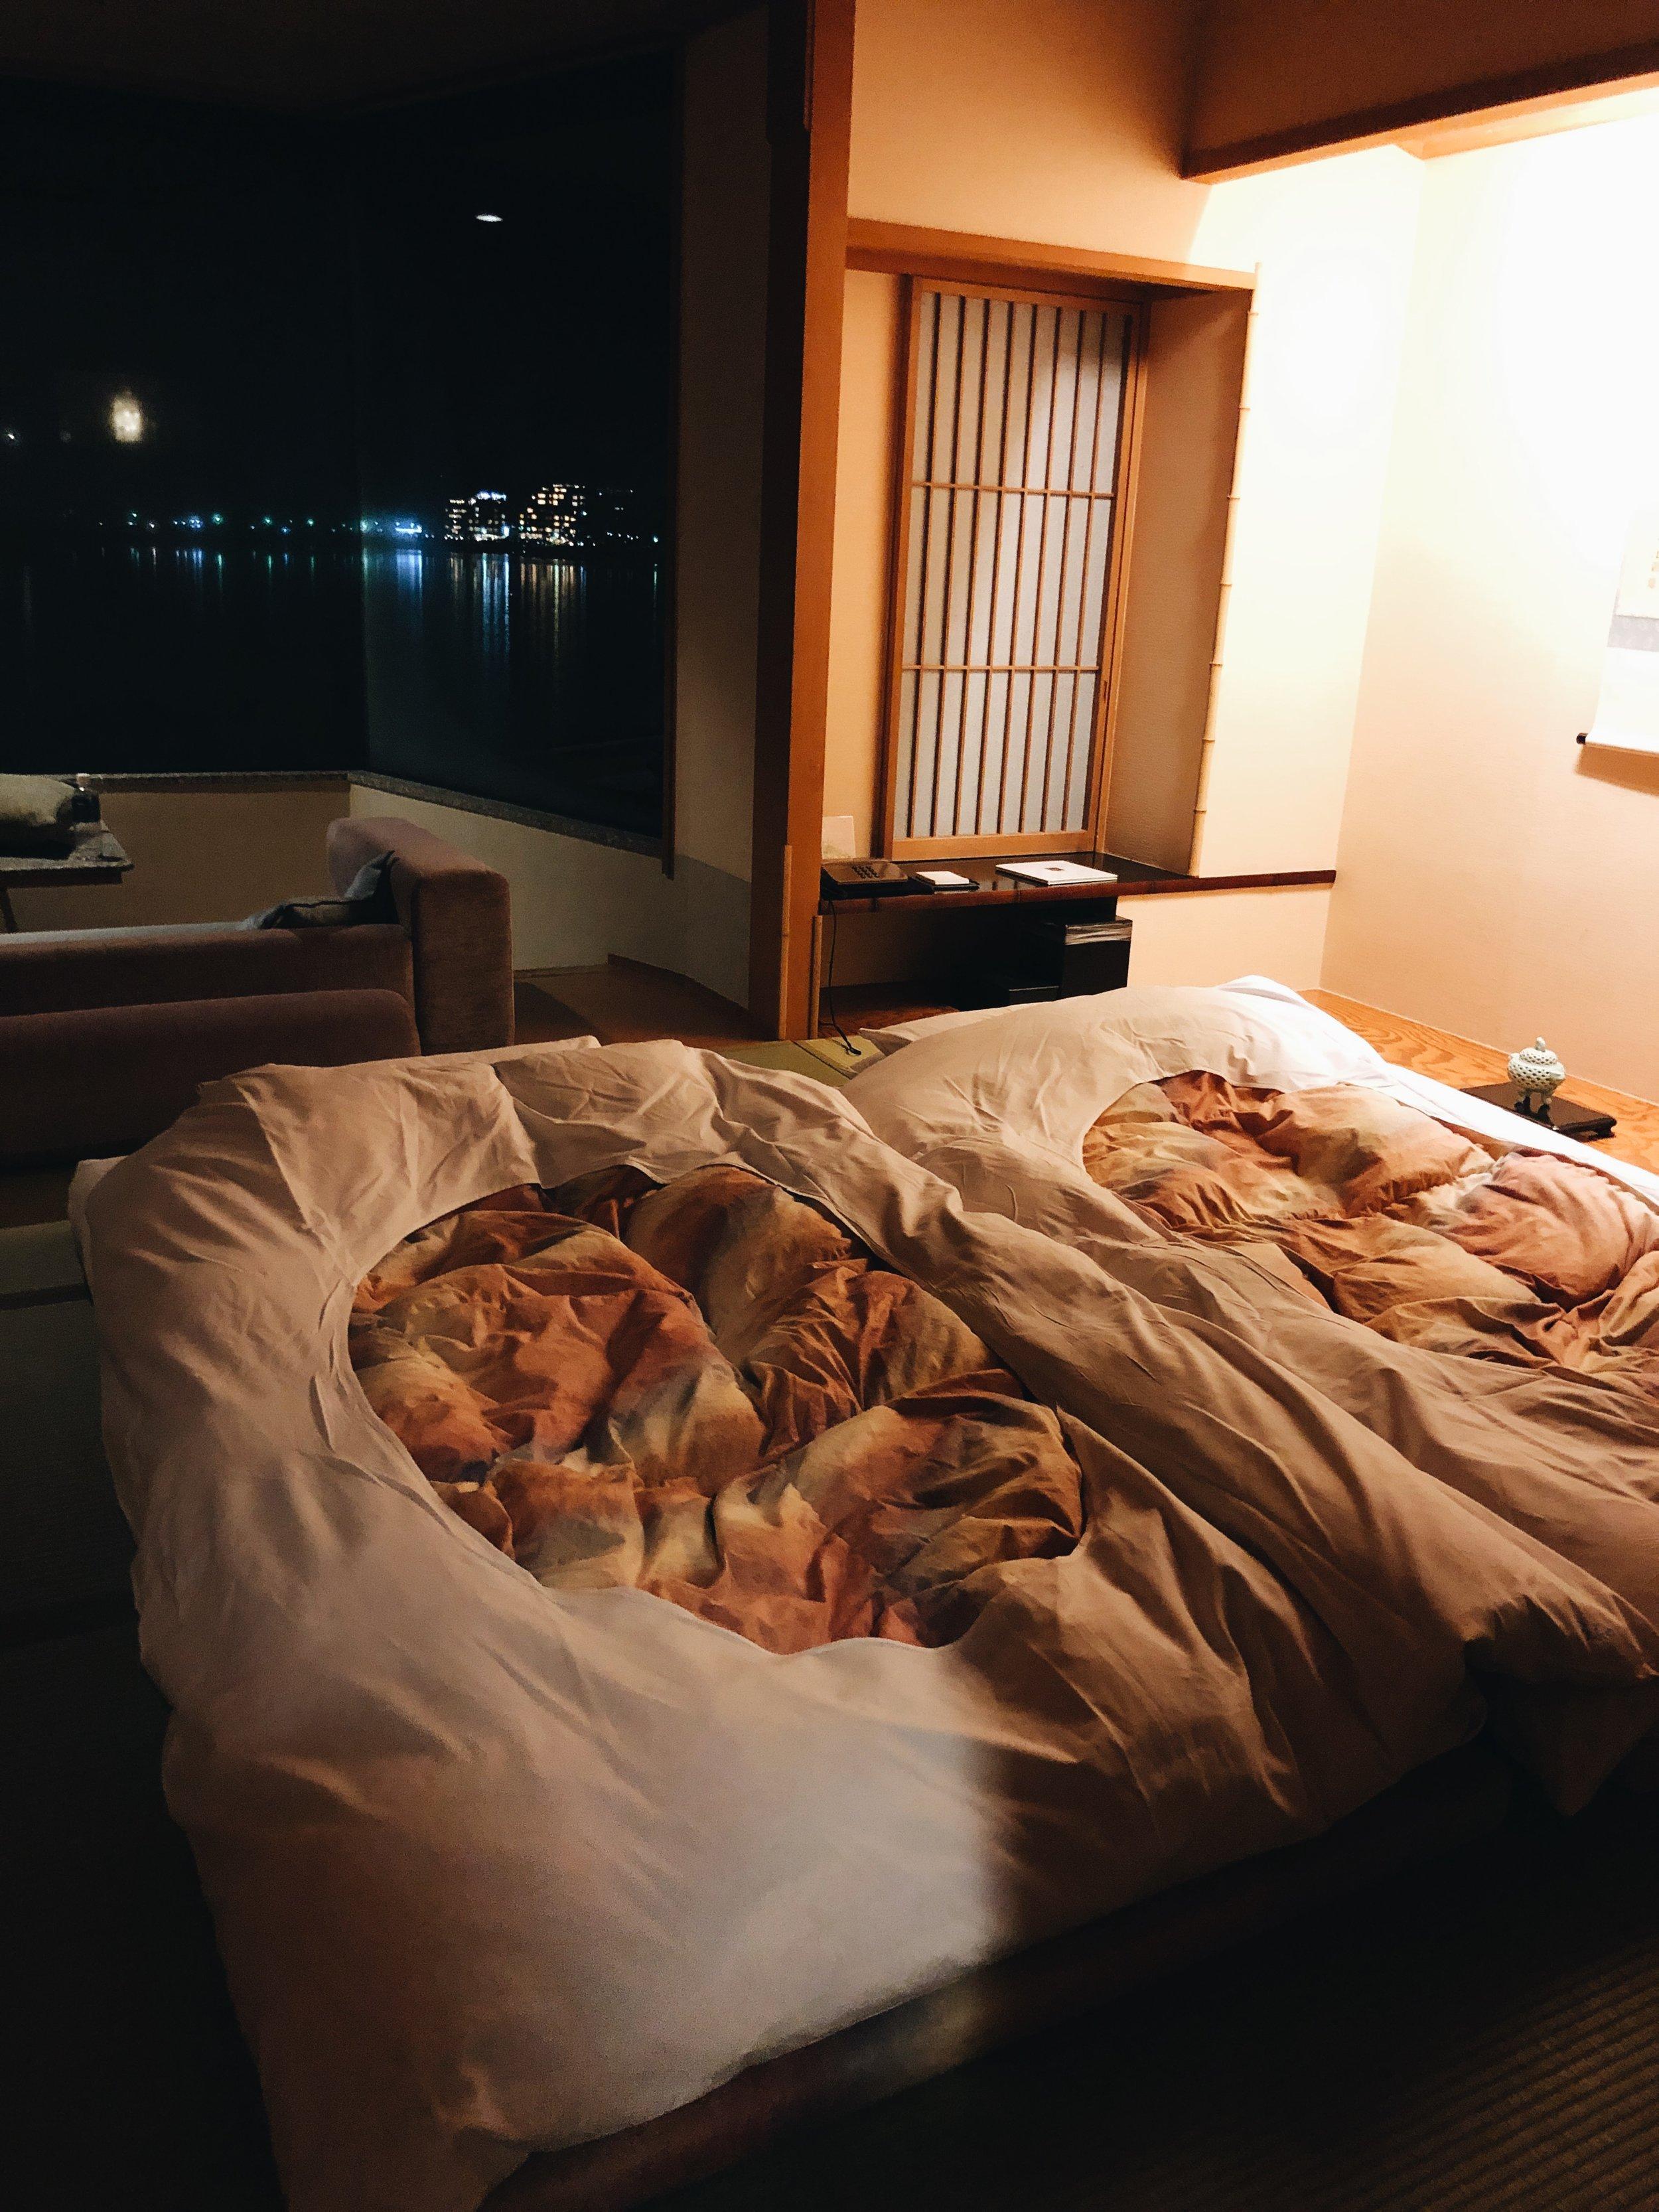 Kozantei Ubuya ryokan room Fujikawaguchiko